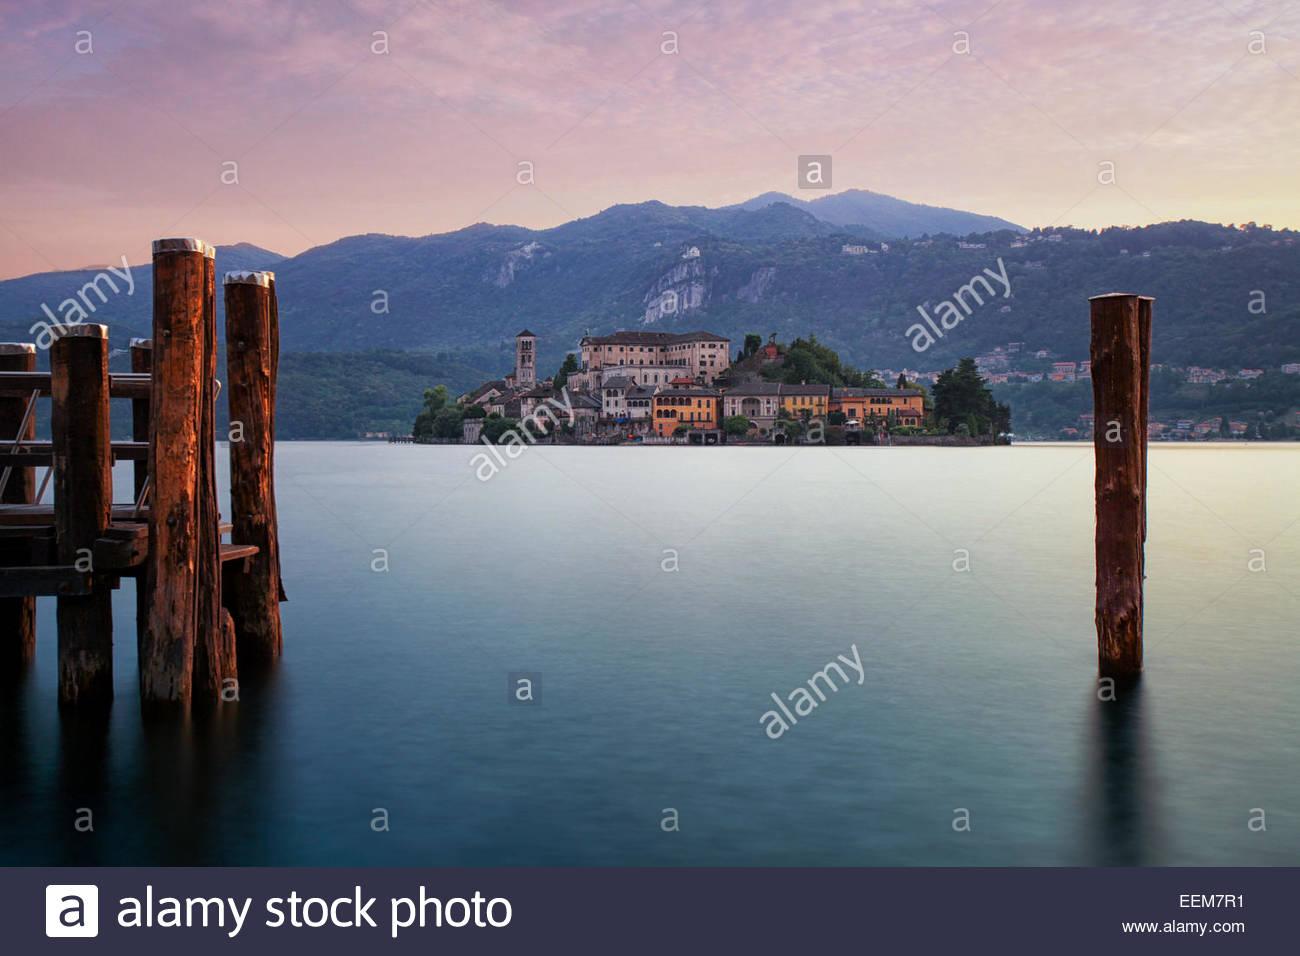 Italia, el Lago D'Orta, atardecer en Orta San Giulio Imagen De Stock